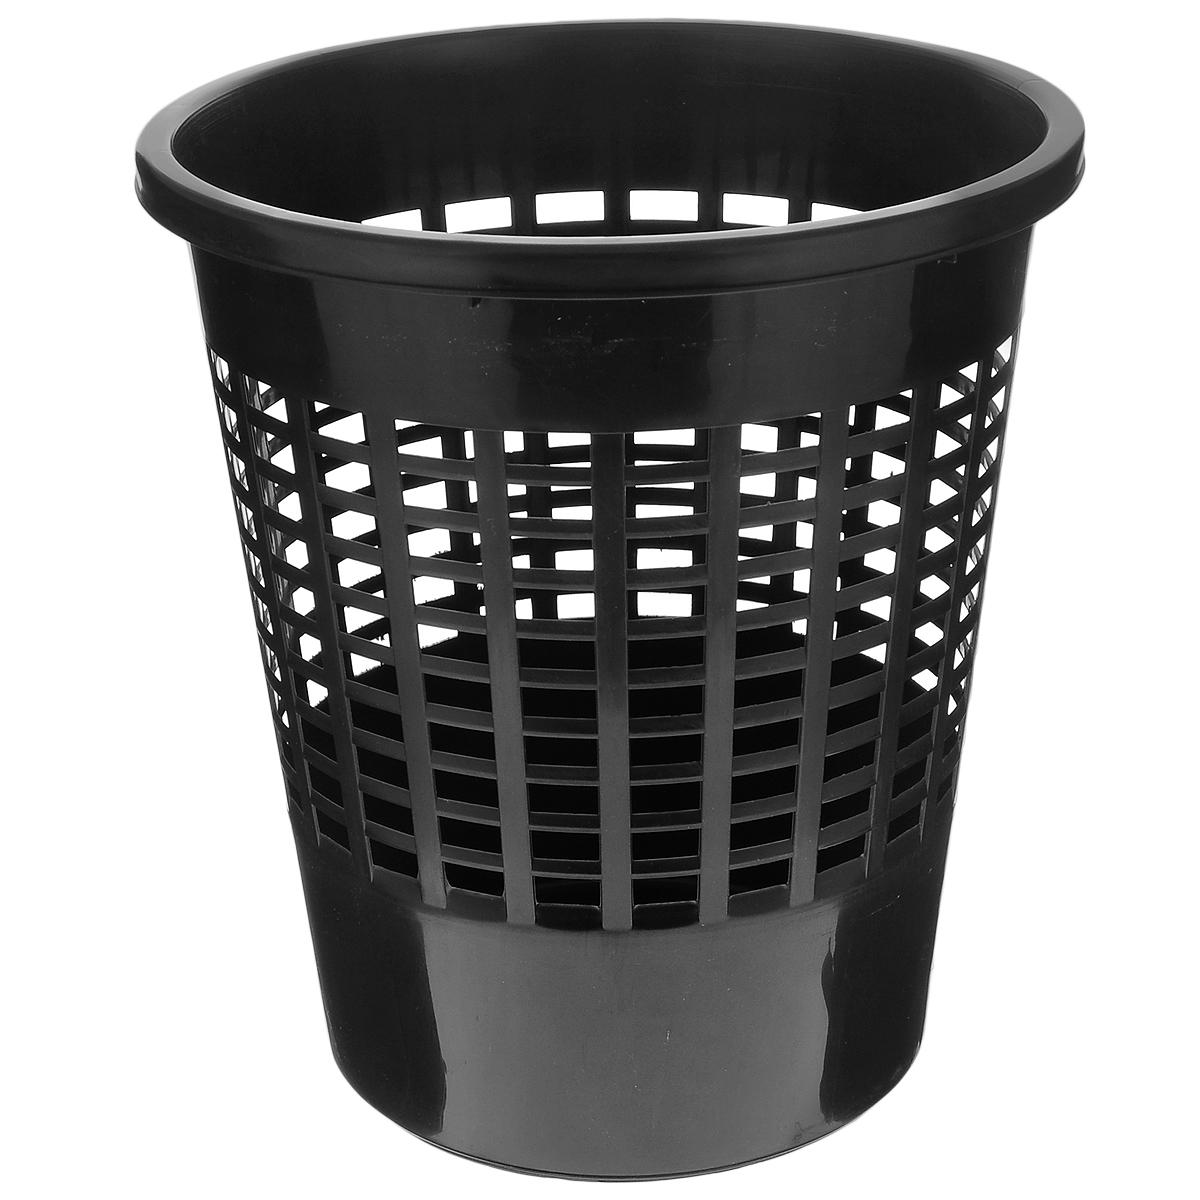 Корзина Curver Basics выполнена из пластика и предназначена для сбора мелкого мусора и бумаг. Стенки корзины оформлены перфорацией. Корзина впишется в интерьер гостиной, спальни, офиса или кабинета. Диаметр корзины: 27 см. Высота корзины: 30 см.